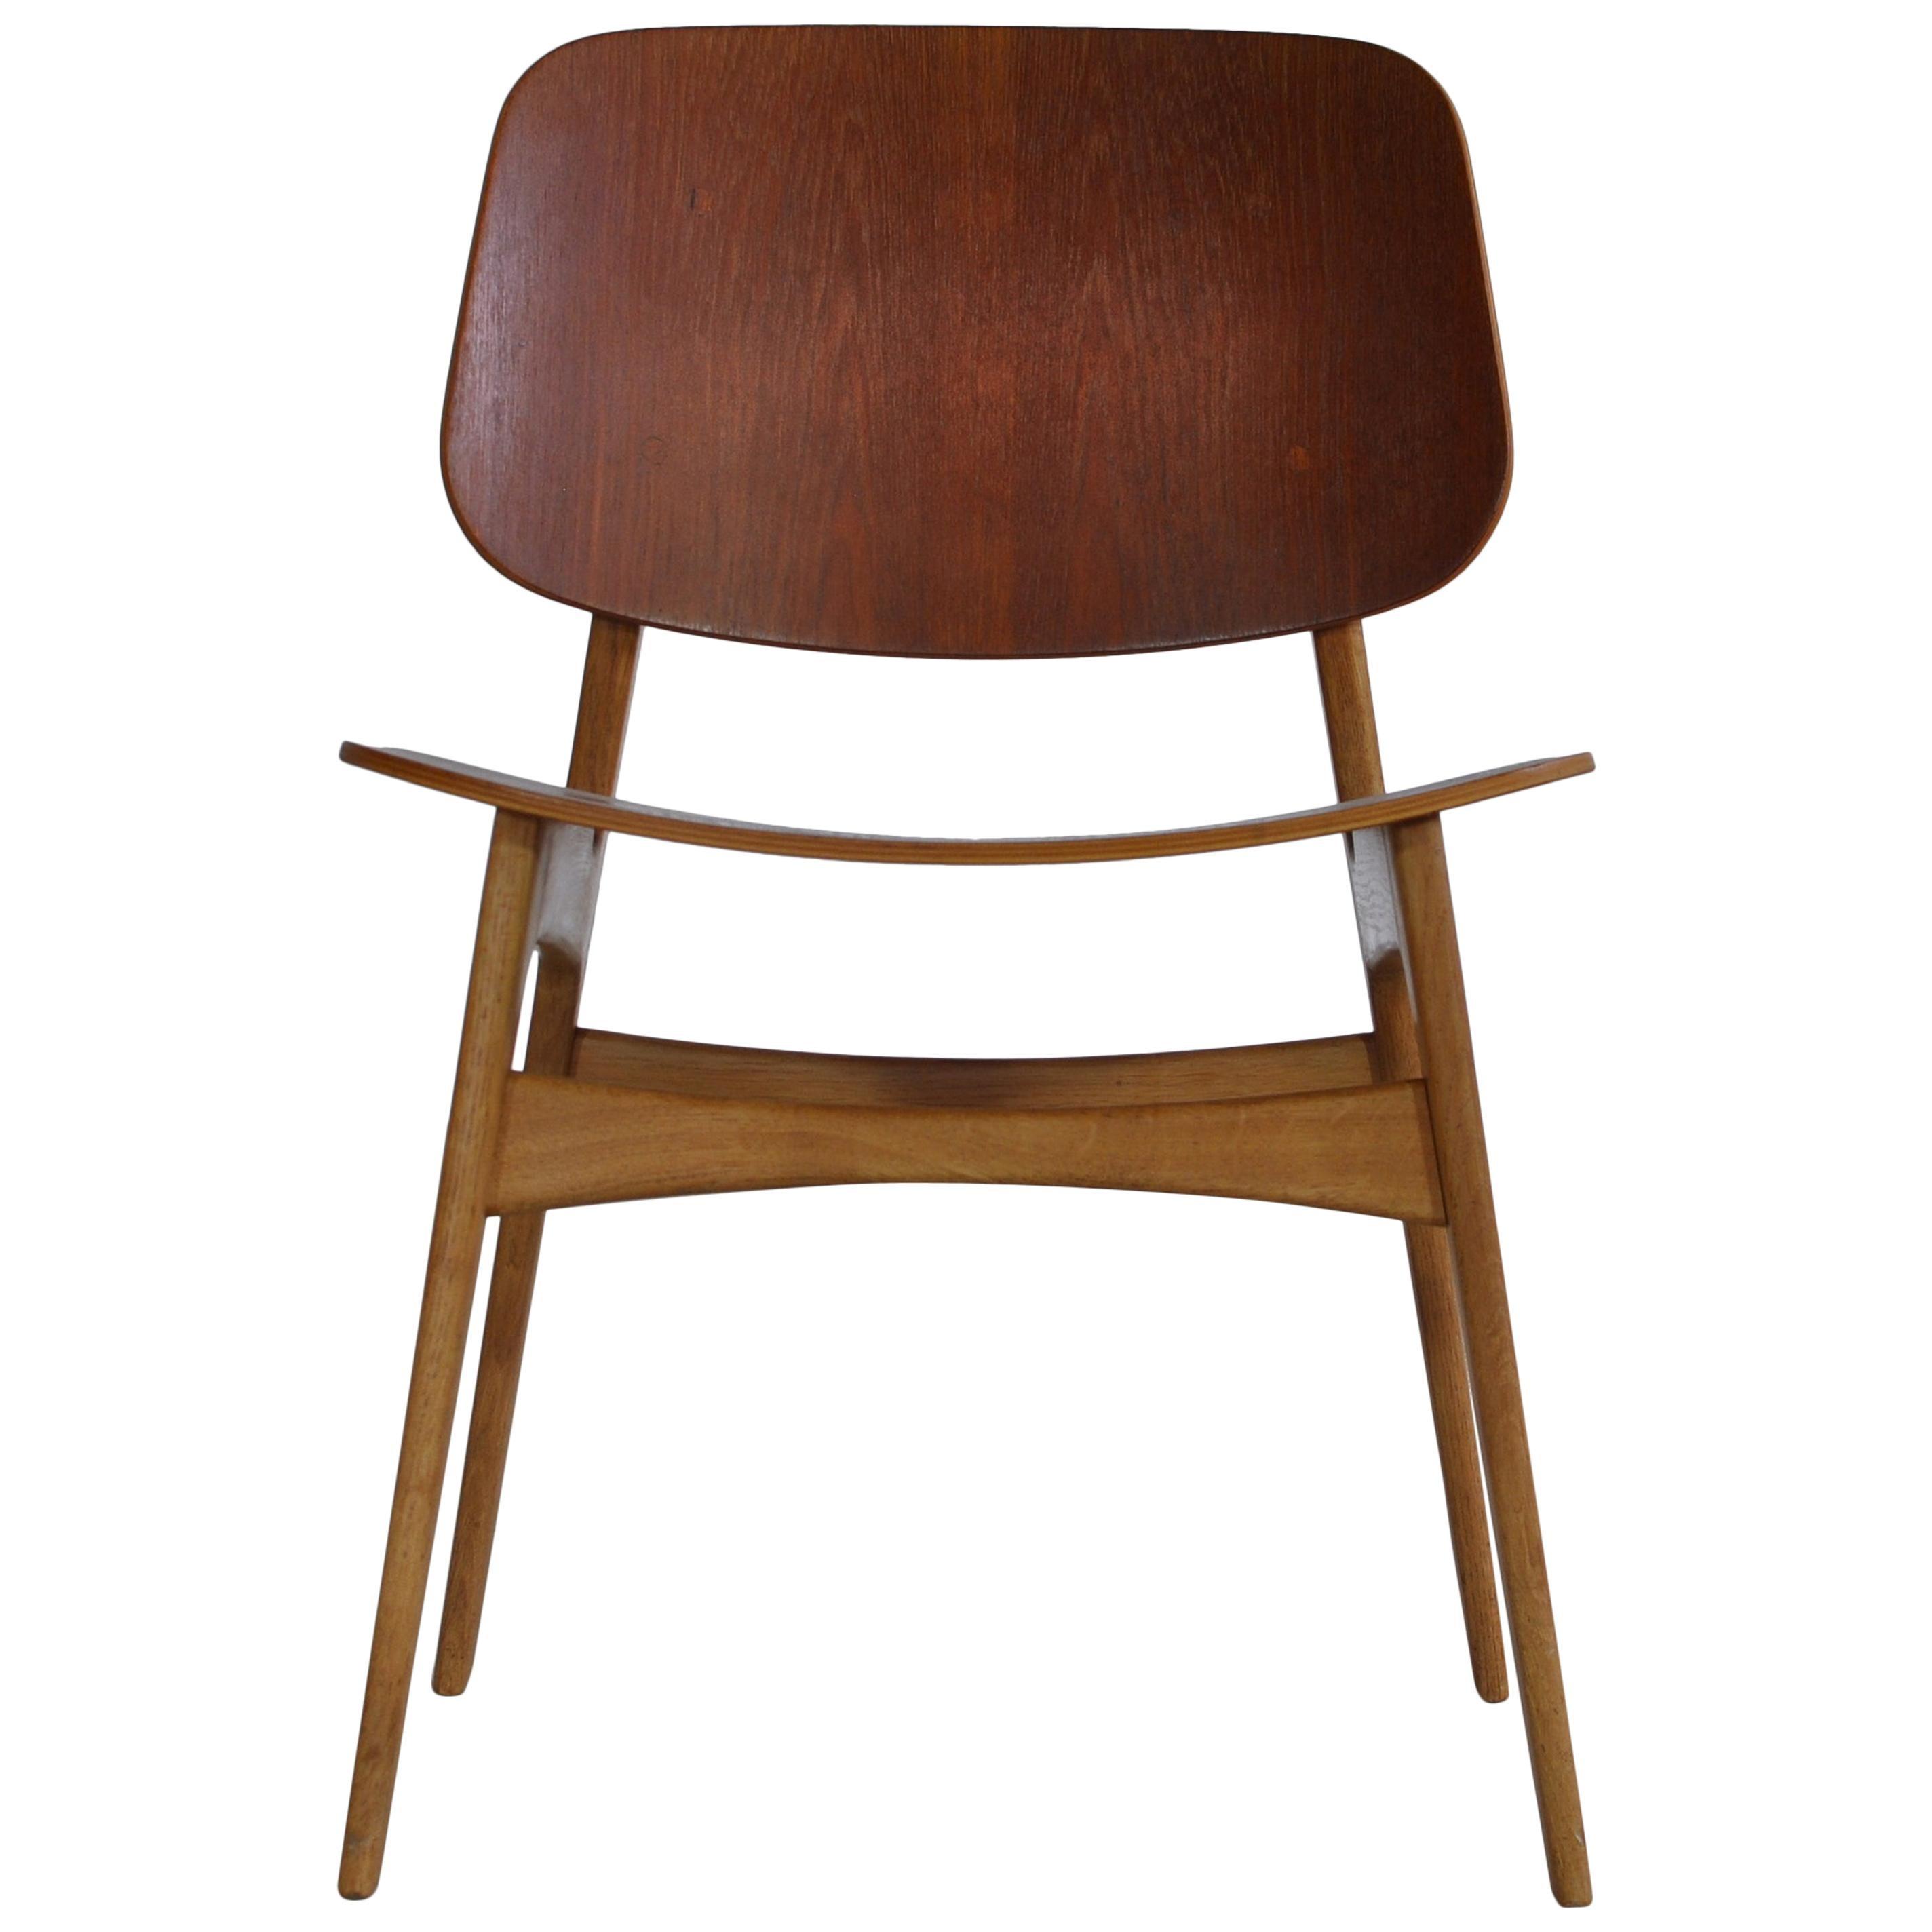 Børge Mogensen Side Chair in Teak and Oak by Søborg Møbelfabrik in the 1950s